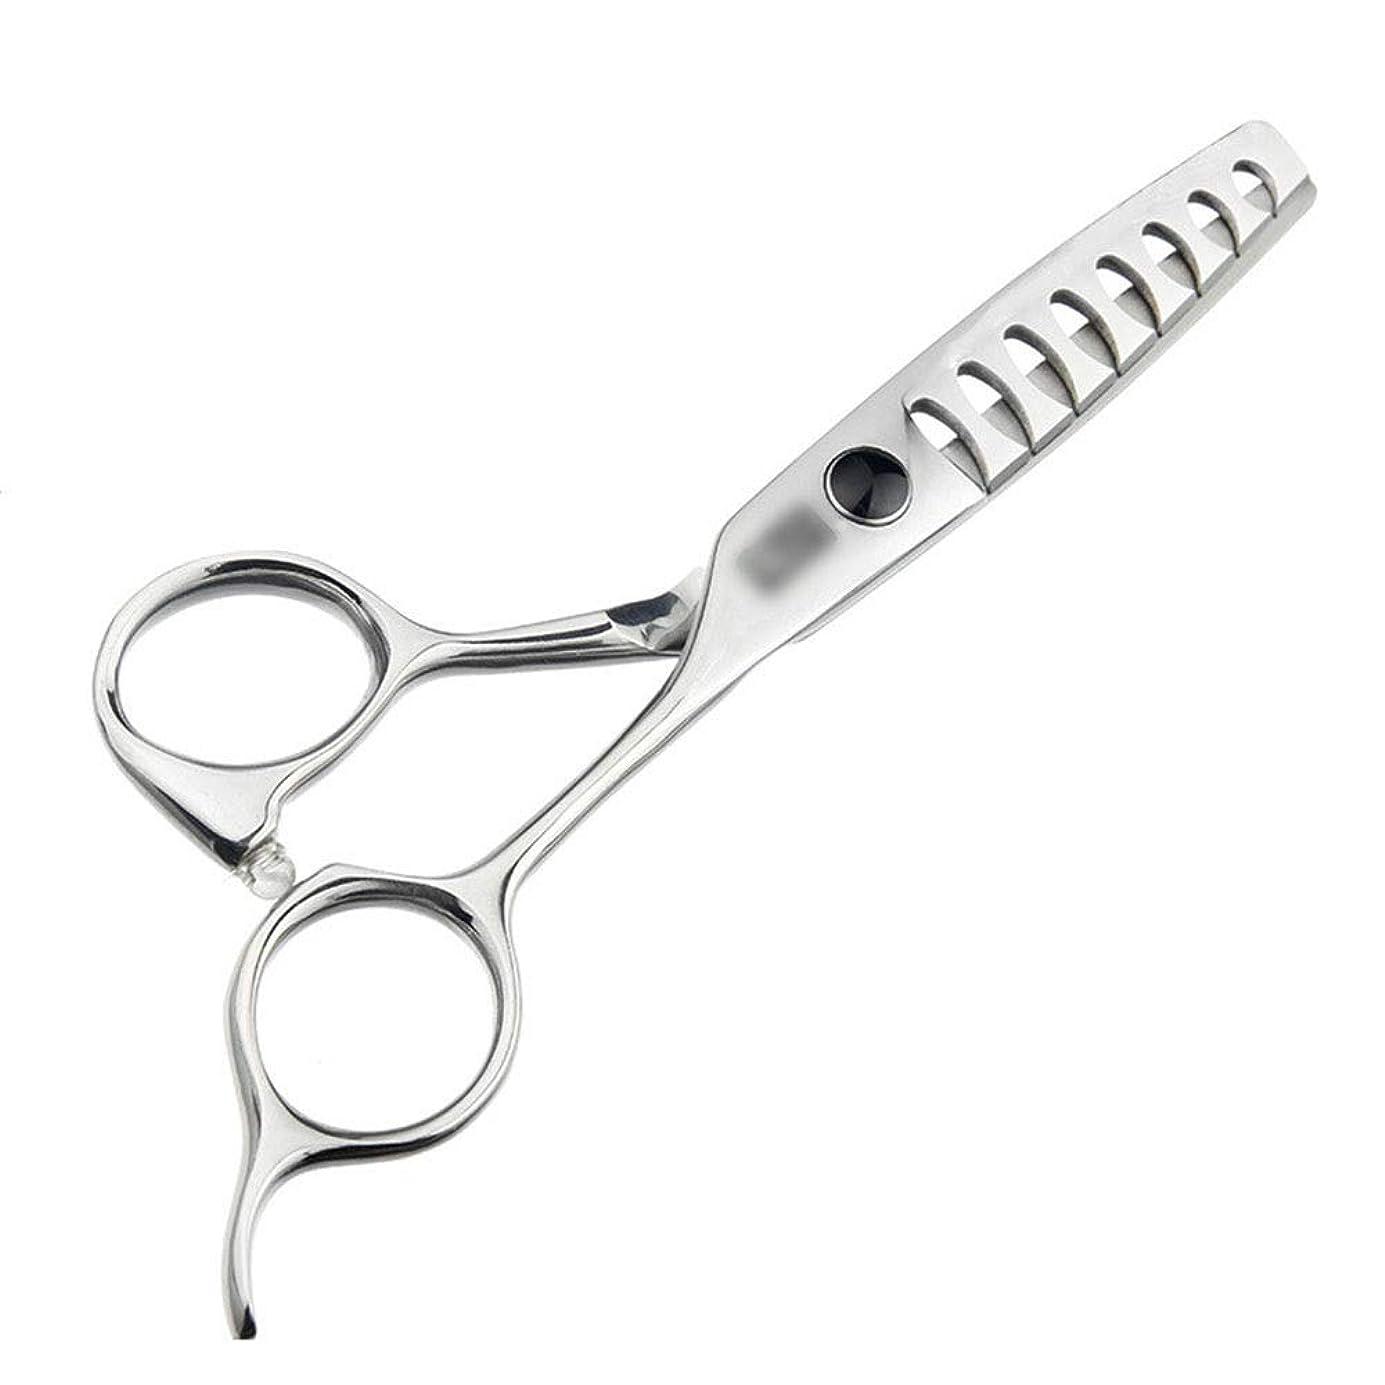 筋肉の実行被る理髪用はさみ 5.5インチの高級ヘアカットの魚の骨のはさみ、継ぎ目が無い毛はさみの毛の切断はさみのステンレス製の理髪師のはさみ (色 : Silver)